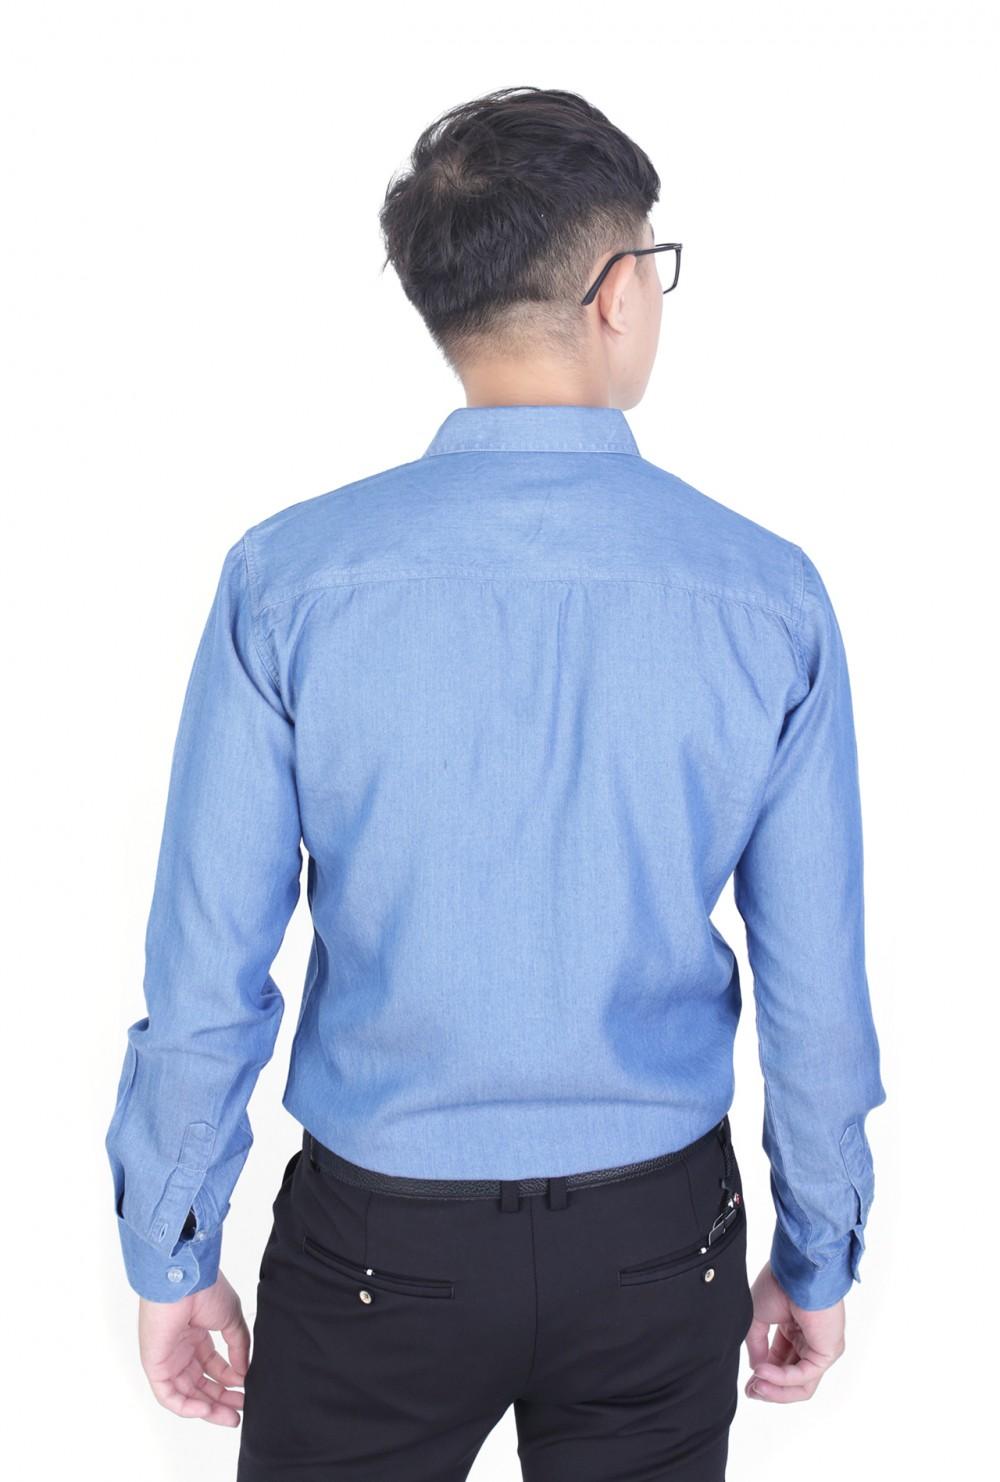 Áo sơ mi denim xanh dương asm966 - 3